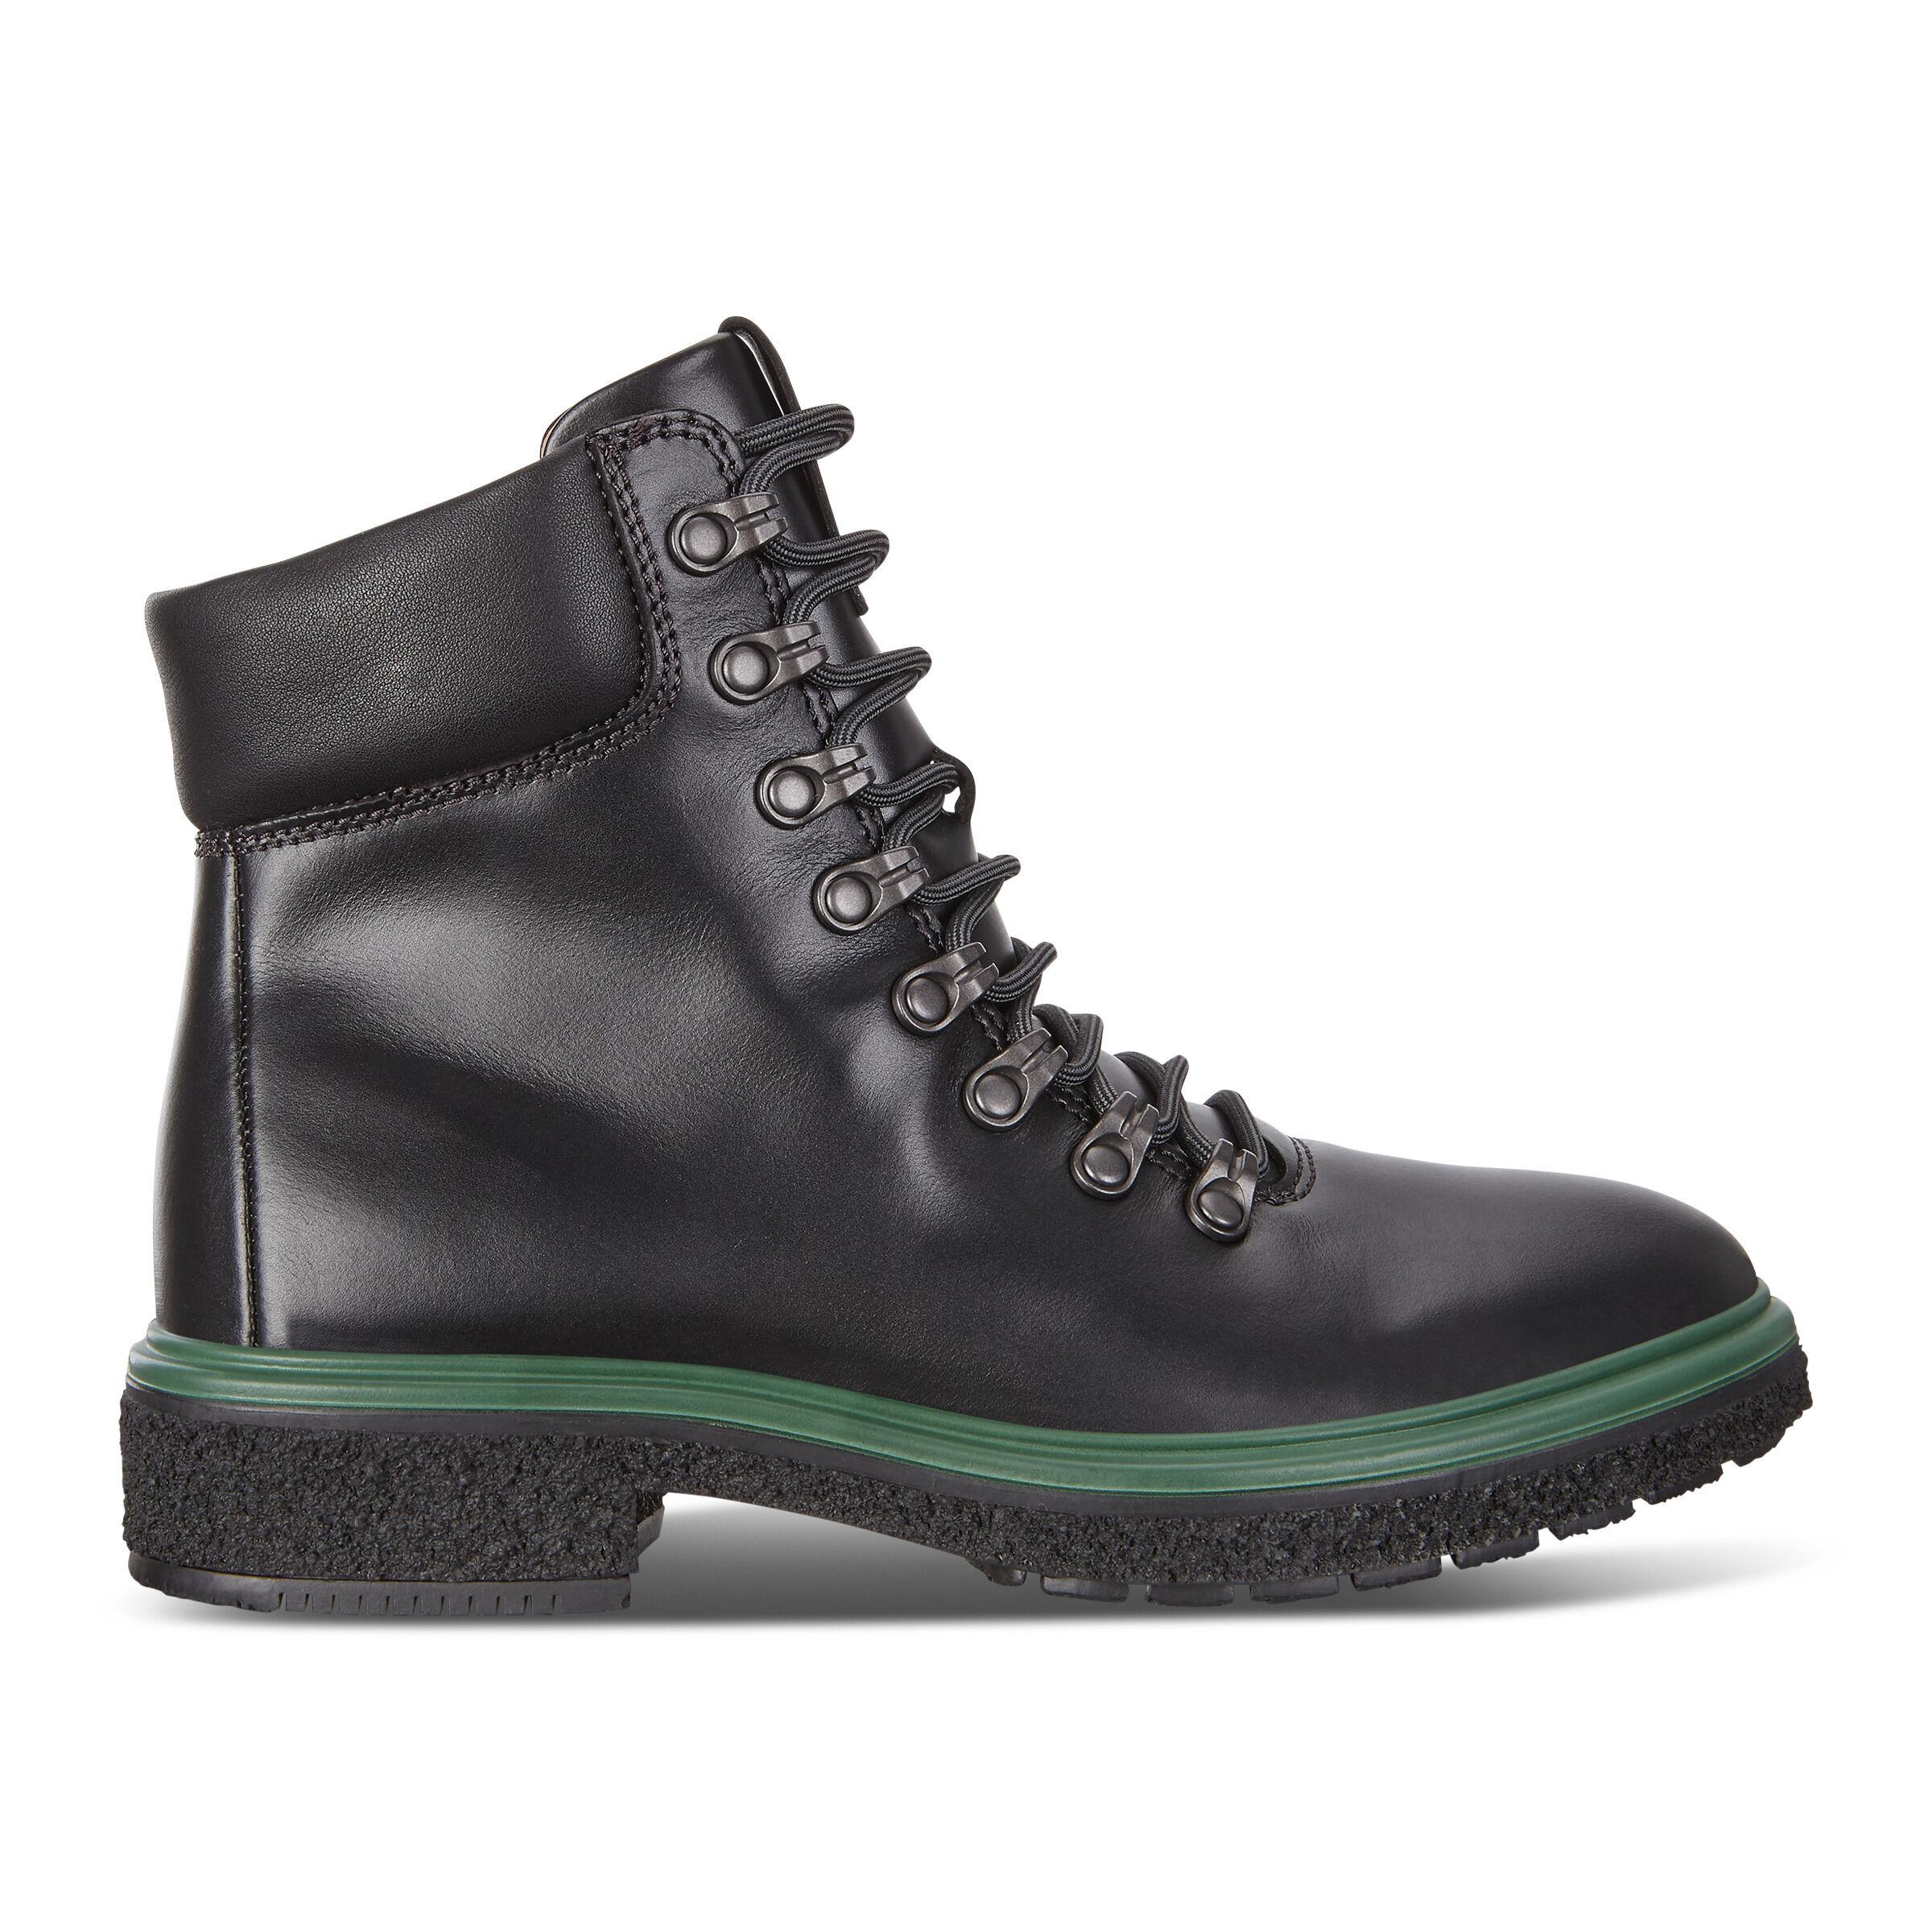 Women's Boots | ECCO® Shoes